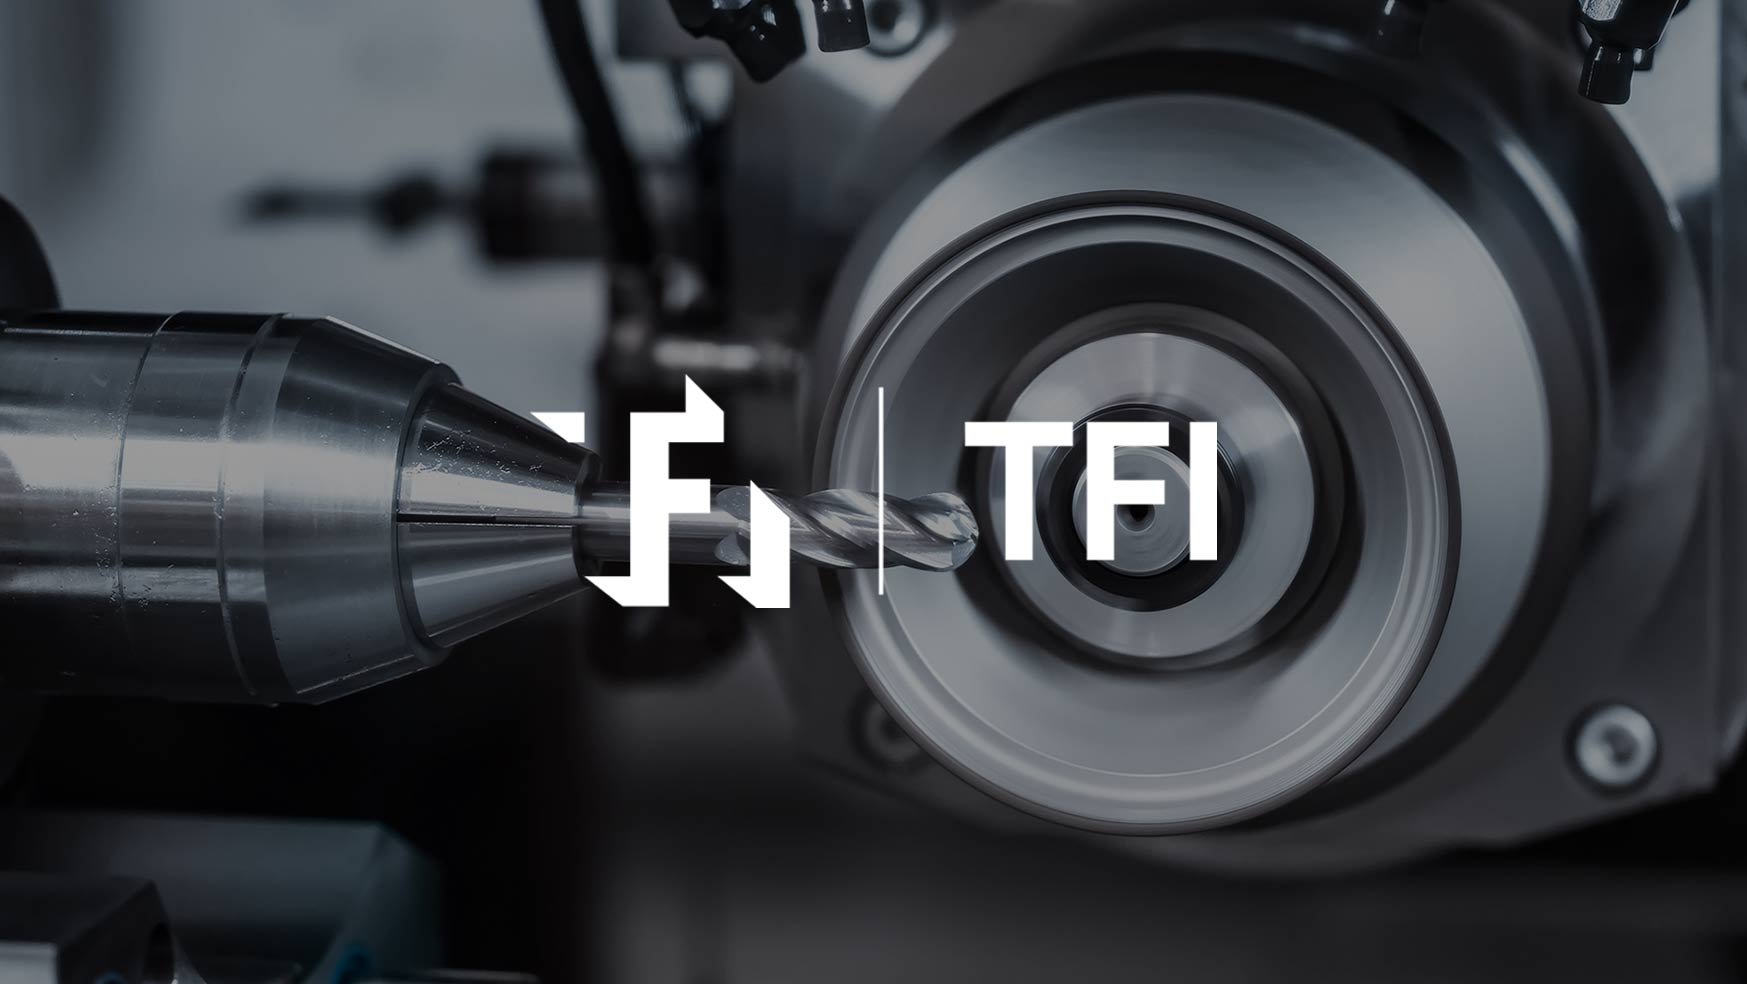 TFI desenvolvimento do Branding, web design, marketing digital